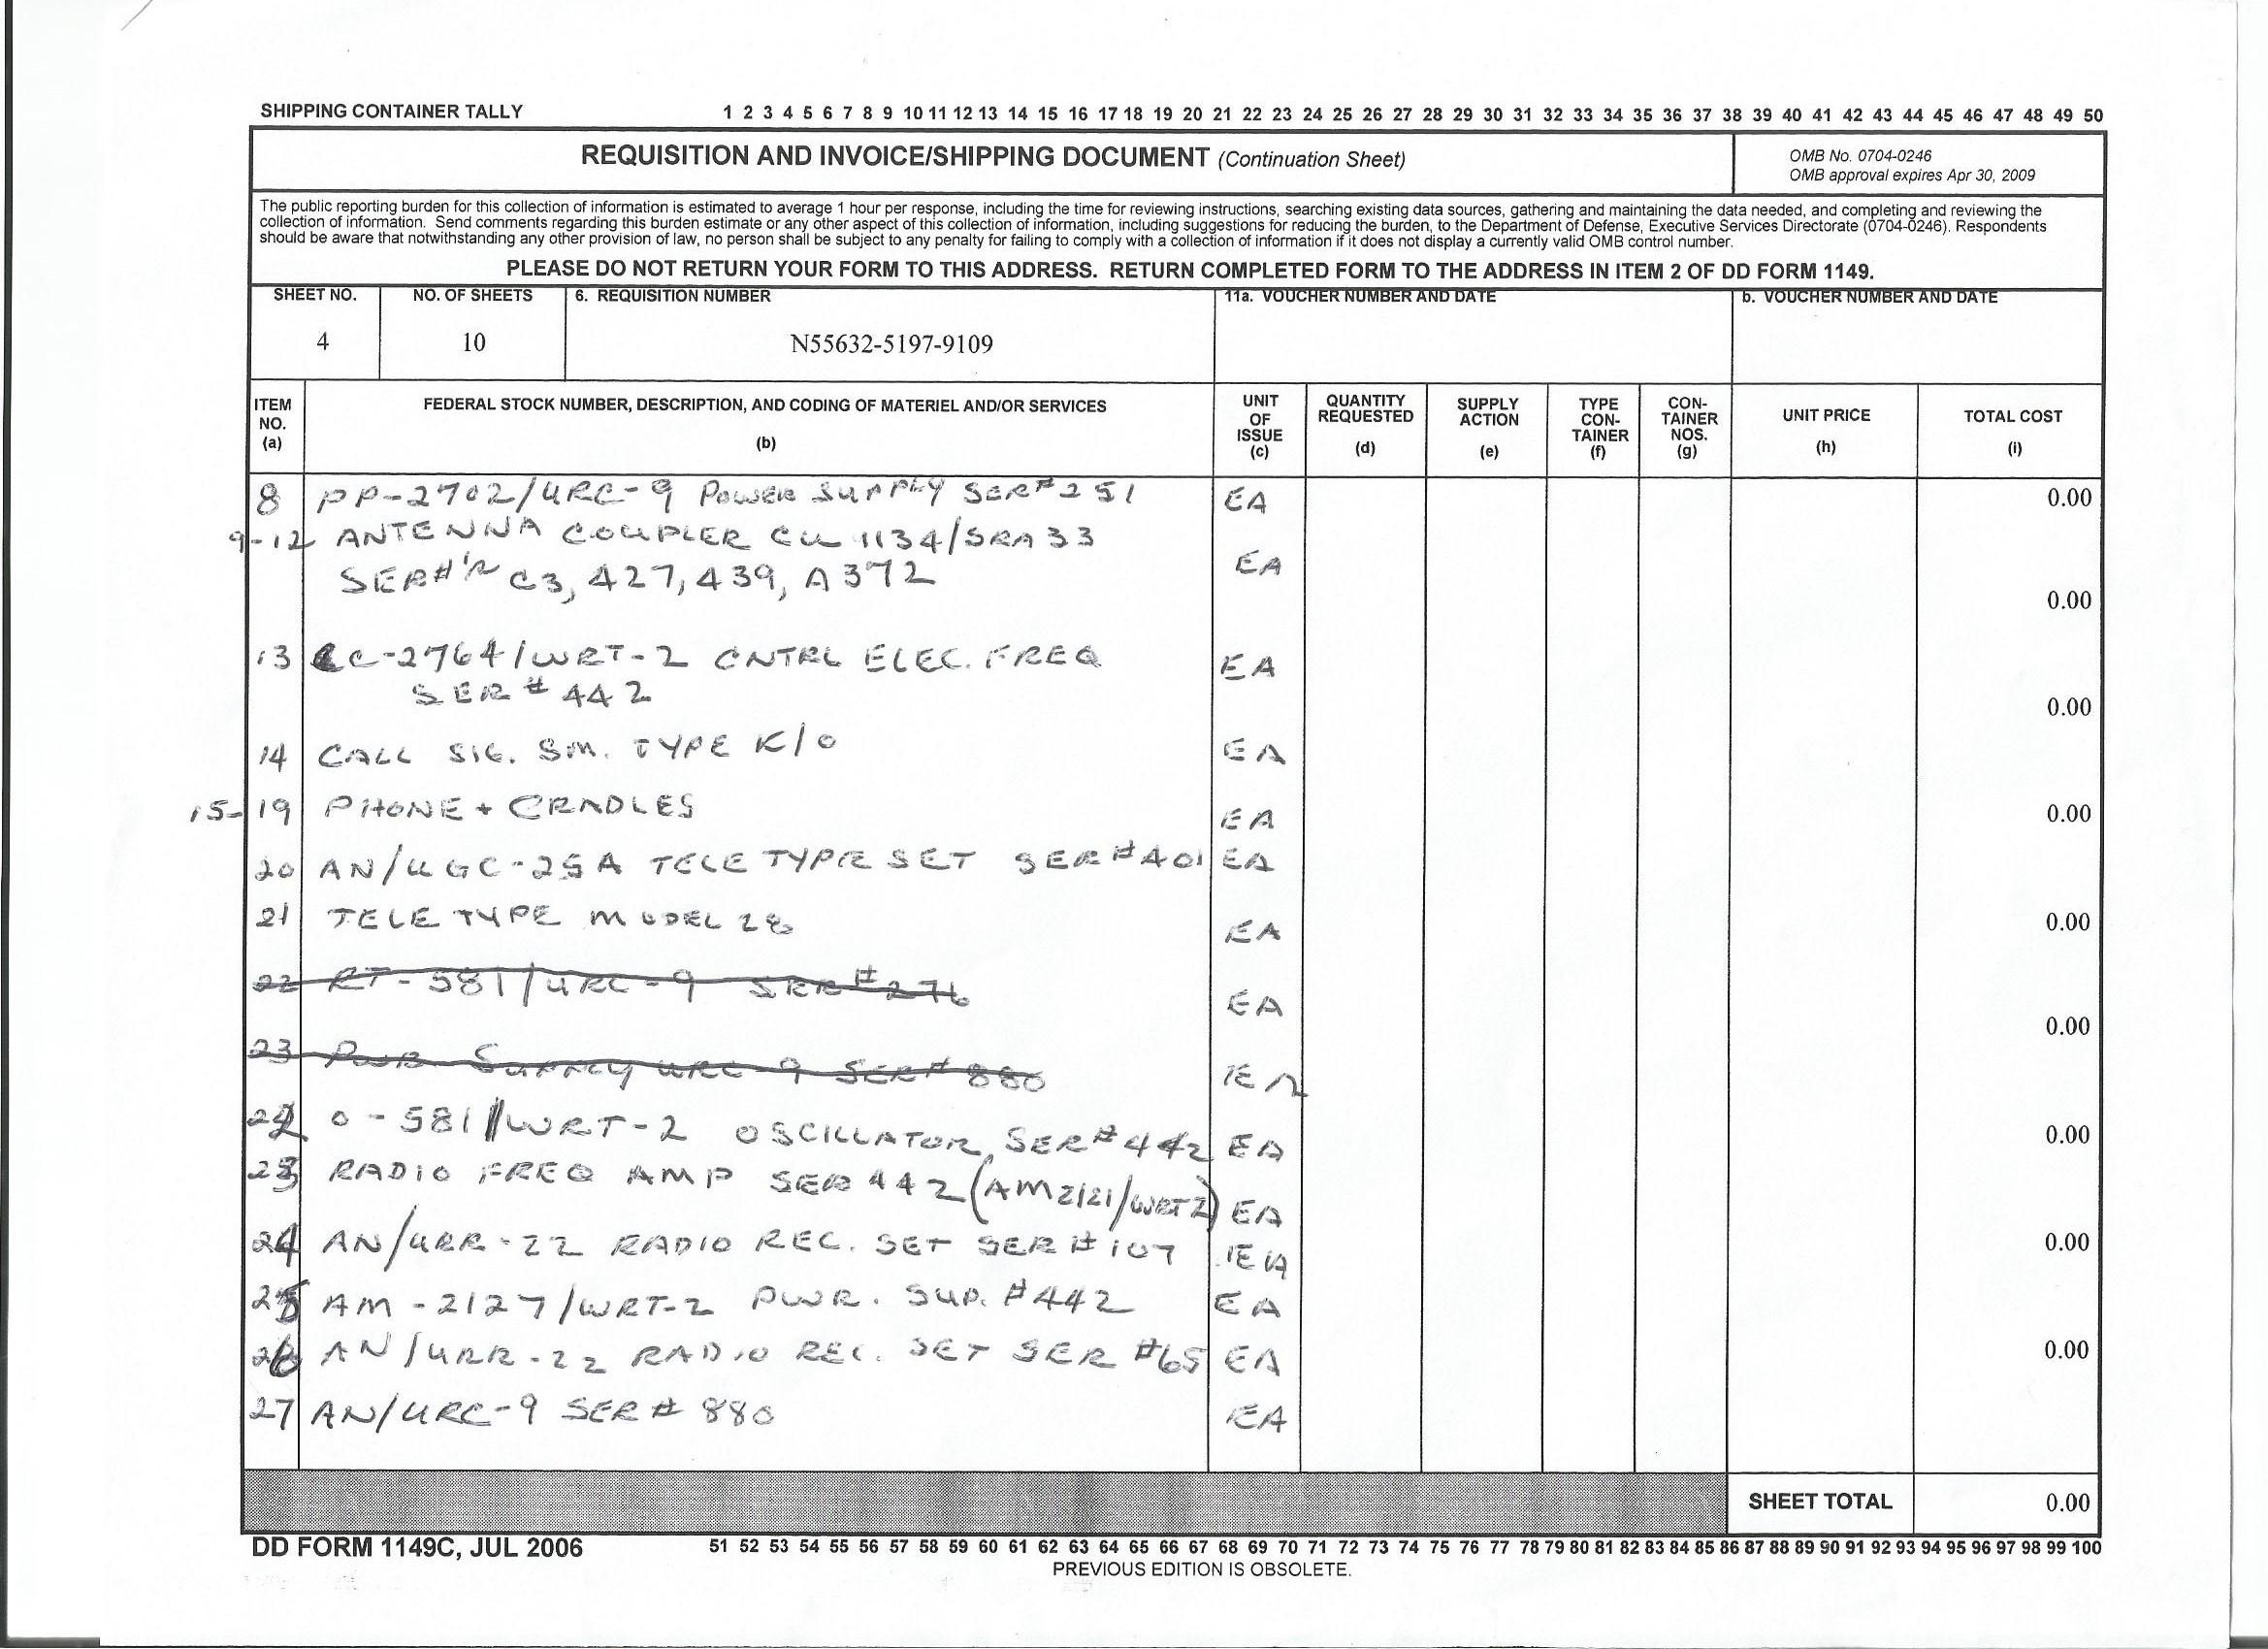 dd1149-7-14-15 pg.2